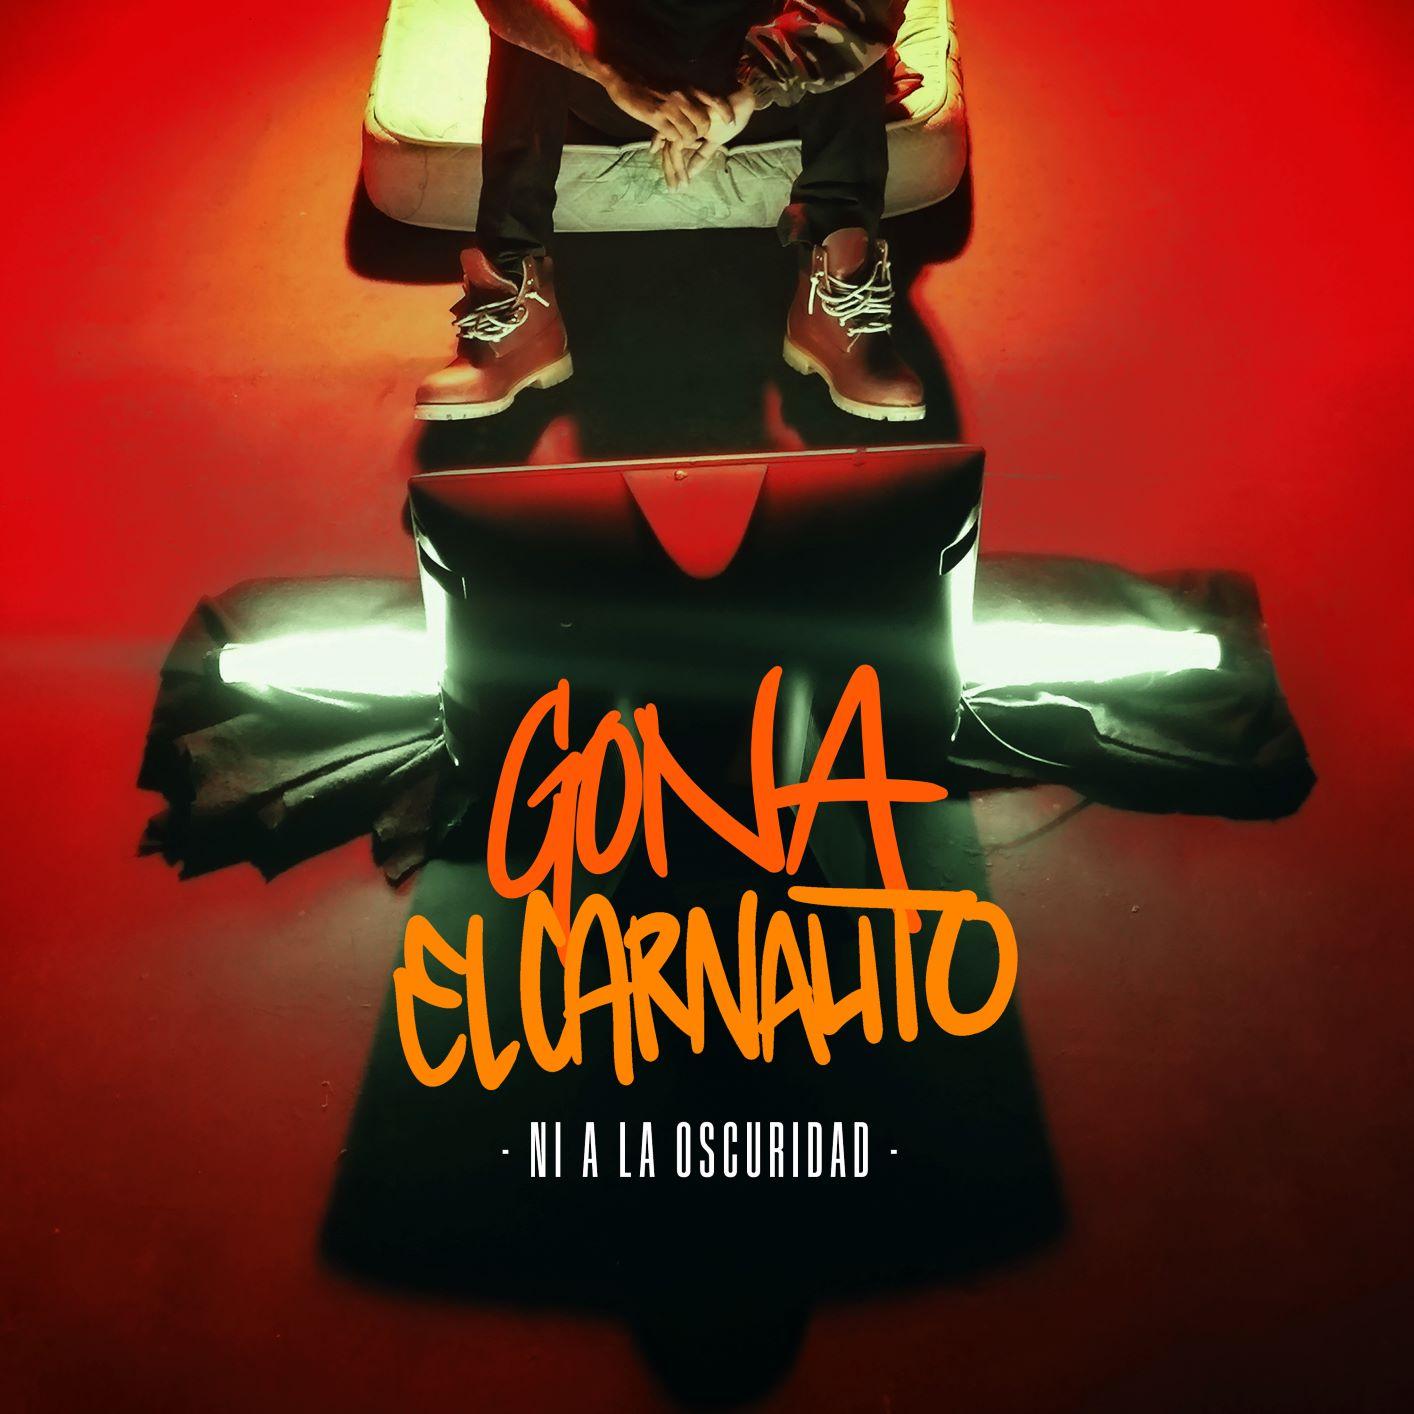 El Carnalito feat Gona - Ni a la oscuridad (portada) low